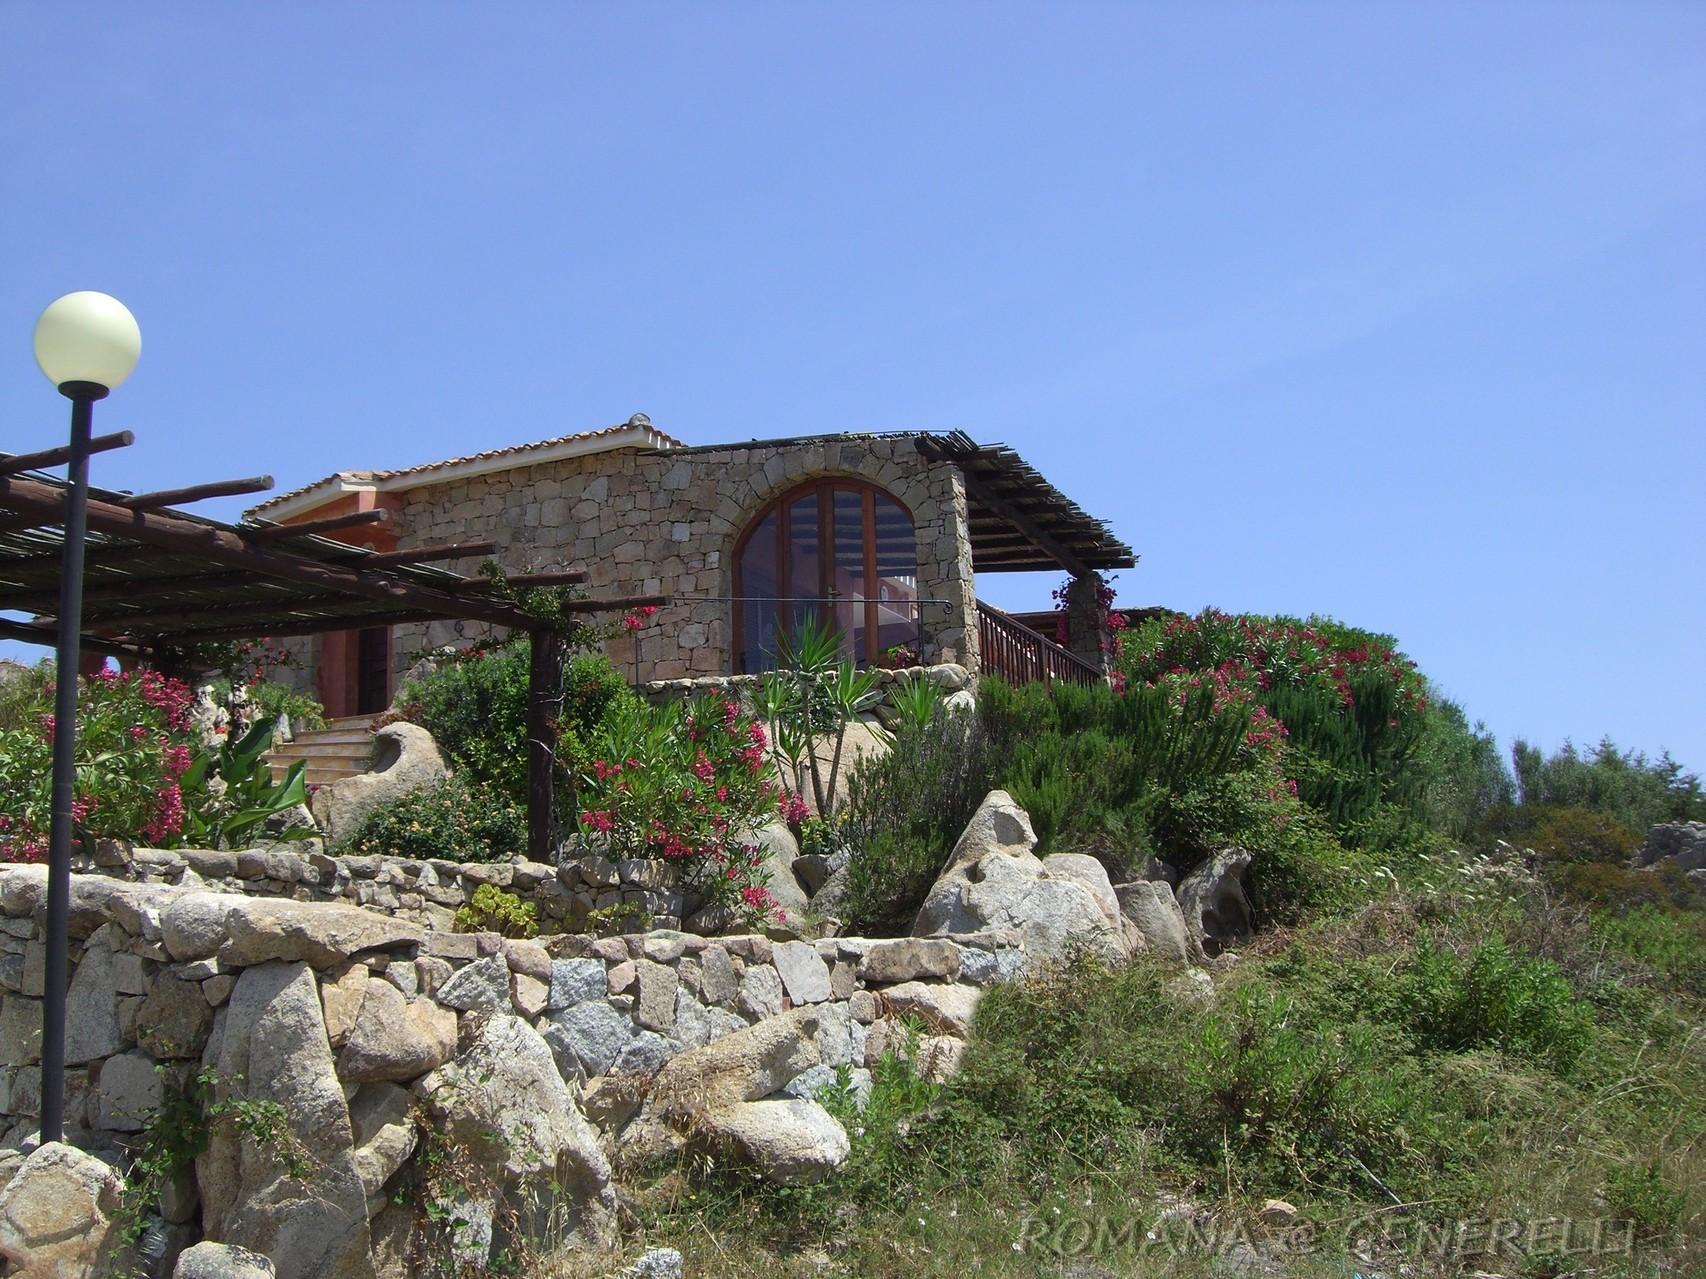 Casa nascosta nella vegetazione